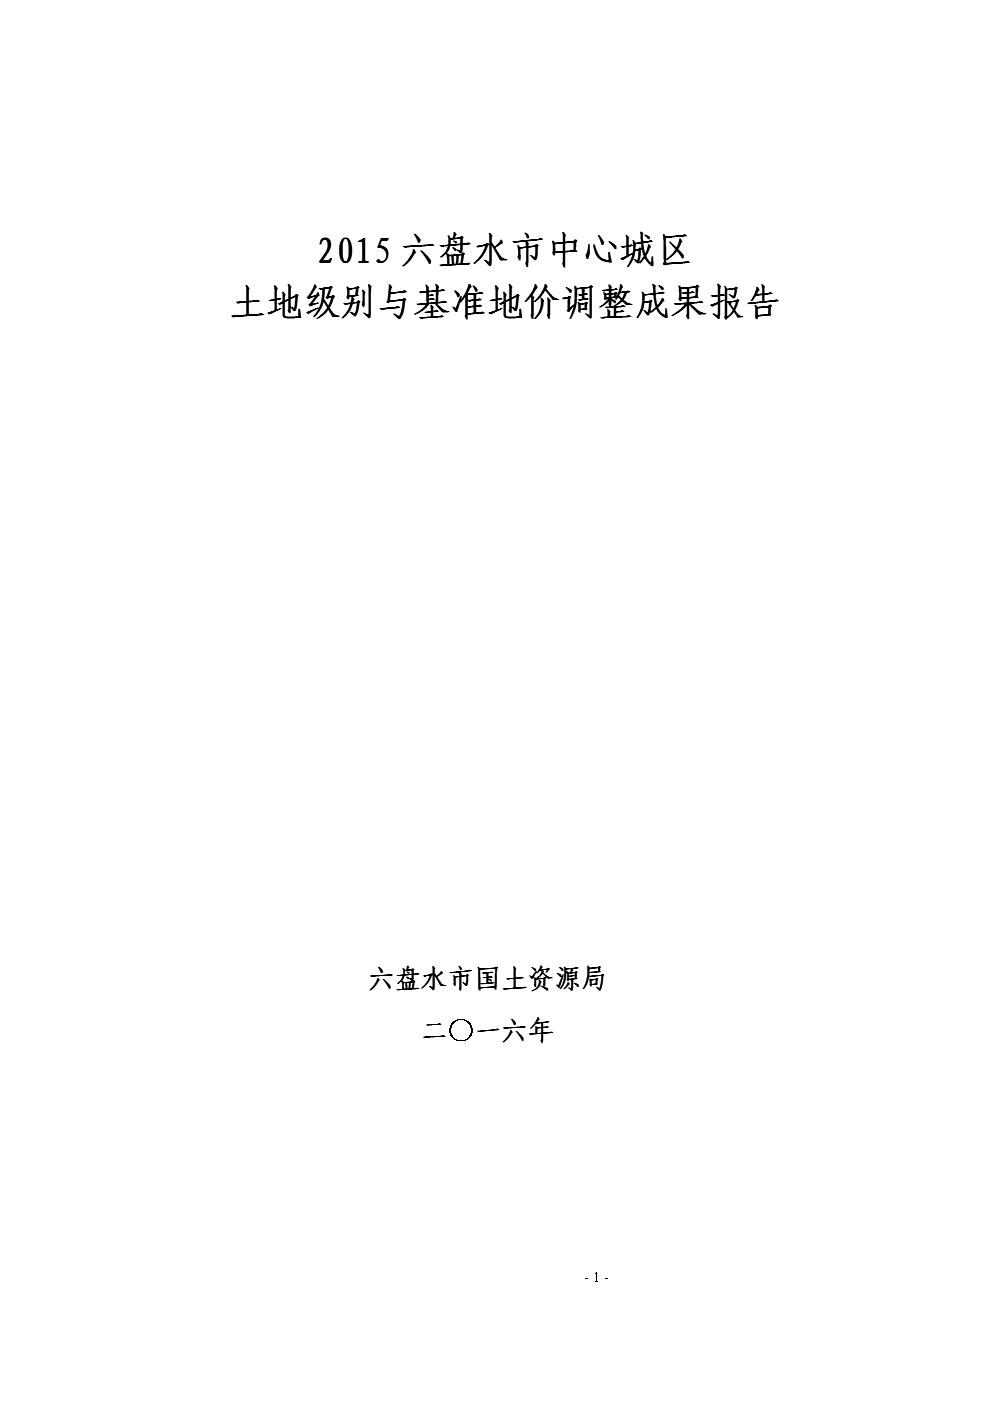 2015六盘水市中心区土地定级及基准地价报告.doc